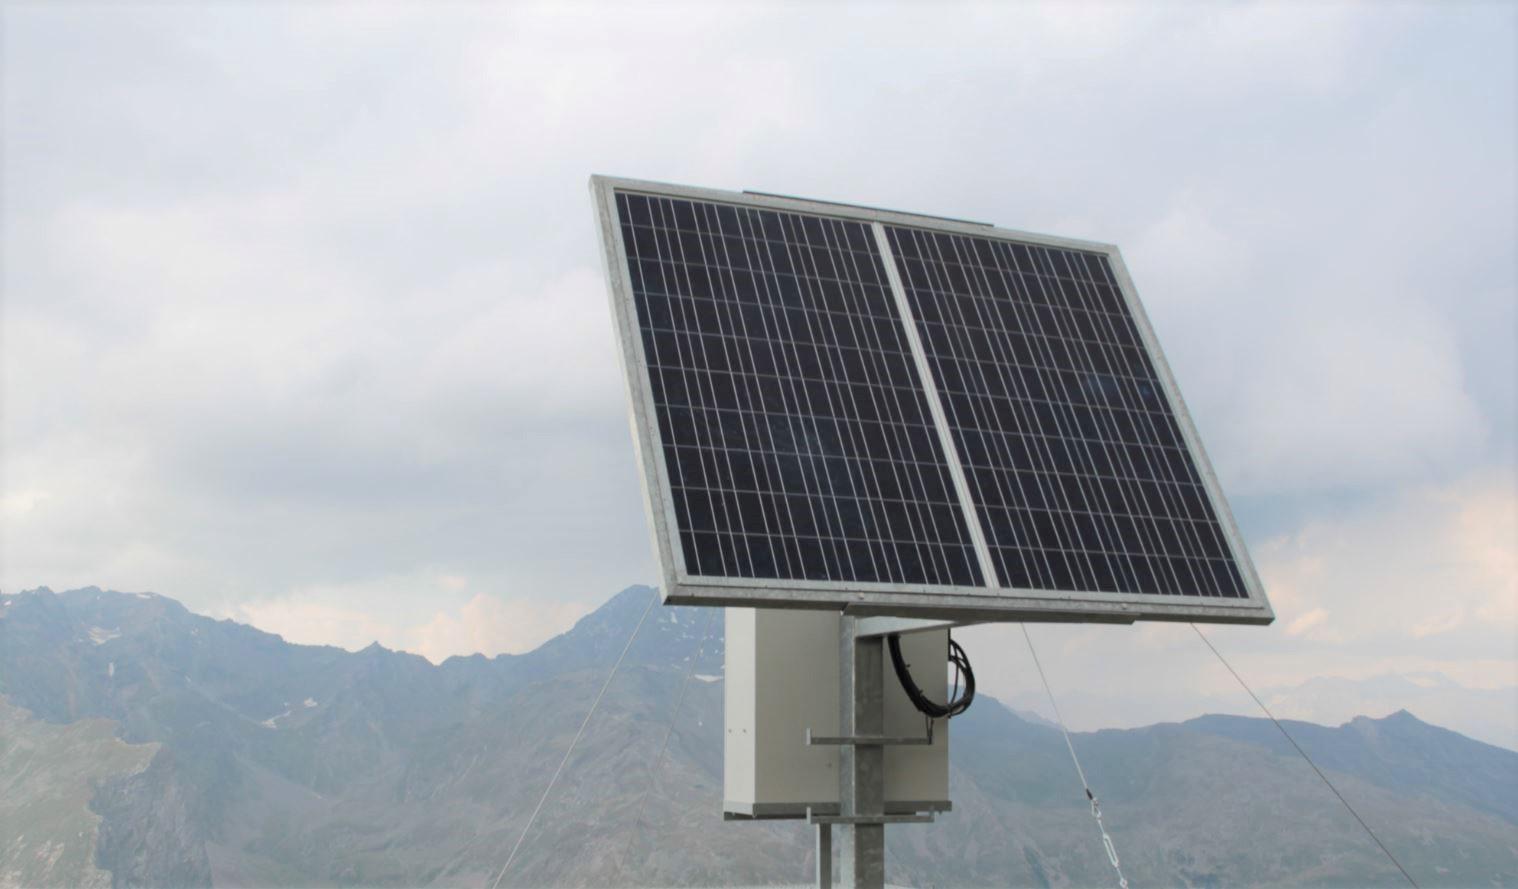 Solaranlagen ermöglichen einen Betrieb einer Webcam oder Baucam auch dort wo kein Stromanschluss verfügbar ist